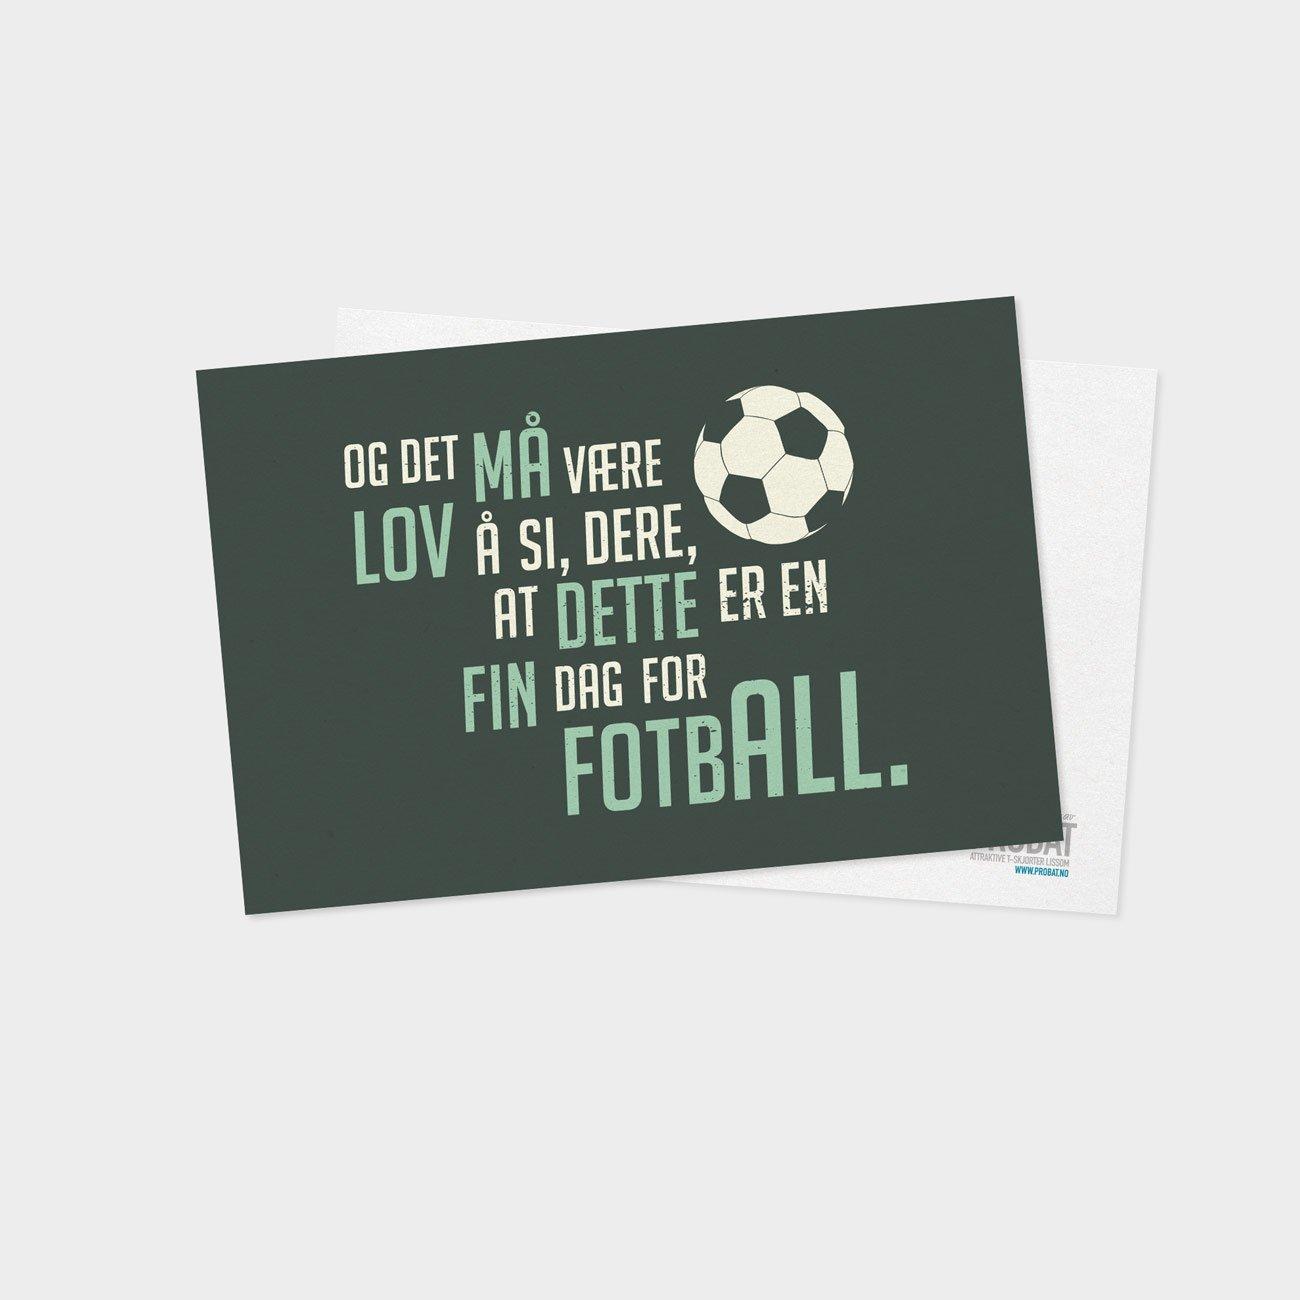 Probat - Kort - Fin dag for fotball